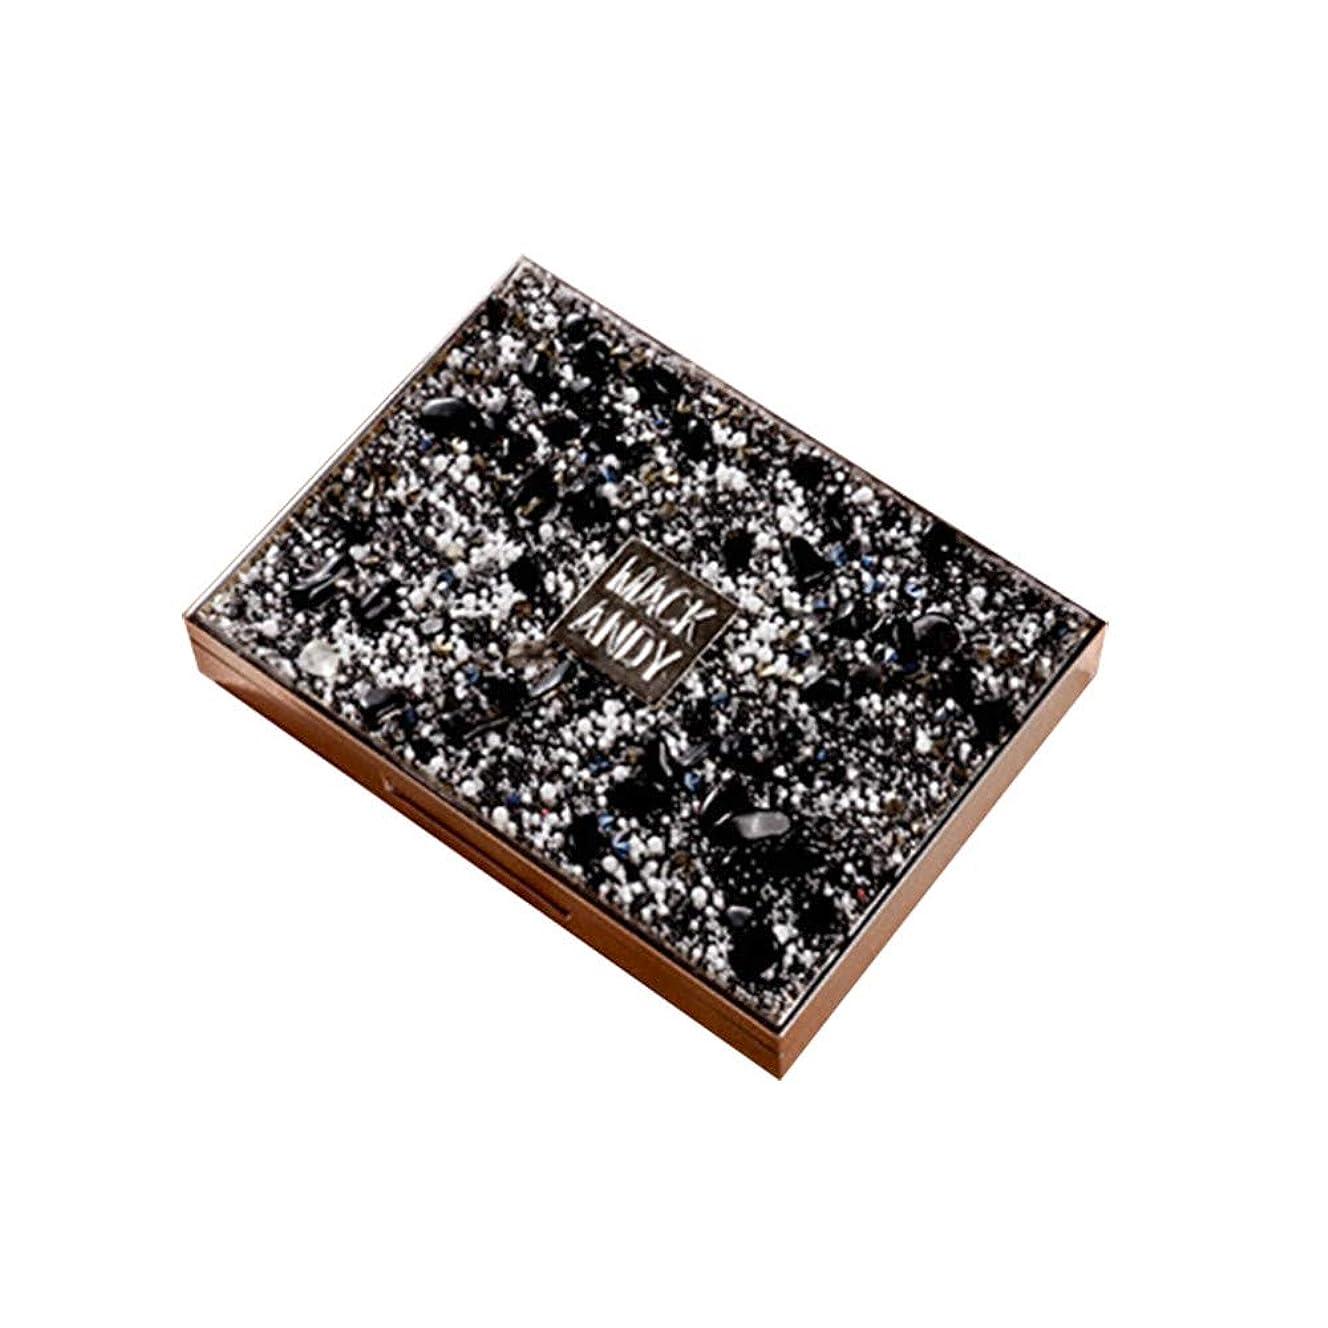 推進力健康的動力学Glennoky アイシャドウパレットアイシャドウ8色セット美しいメイクアップパレットスキャン化粧スパンコールカラーアイシャドウアイシャドウベースクリームシャドウメイクパレット人気のハイライトパウダーチッププレイカラー化粧品ファッショナブルなきれいな極めて微細なキャリー便利ウィンクグロウアイズスパークリングアイズ光沢のメイクアップパレット長期的な防水ドロップ宴会に達する自然な優れた色パールマットシマー とマット多色組合暖かい桃の花の色システム地上系粉末タイプのパウダーチップ母の日のガールフレンドの贈り物ギフトプレゼント毎日の仕事は初心者、プロ輝く韓国のアイメイク効果輝く瞳シェード目にコンパクトな割引化粧品を容認しませんハロウィンメイククリスマス化粧品2018ポートNtomeiku茶色、オレンジ、青、ピンクデートの通勤コスプレ結婚式のリサイタル化粧ステージパーティー #01